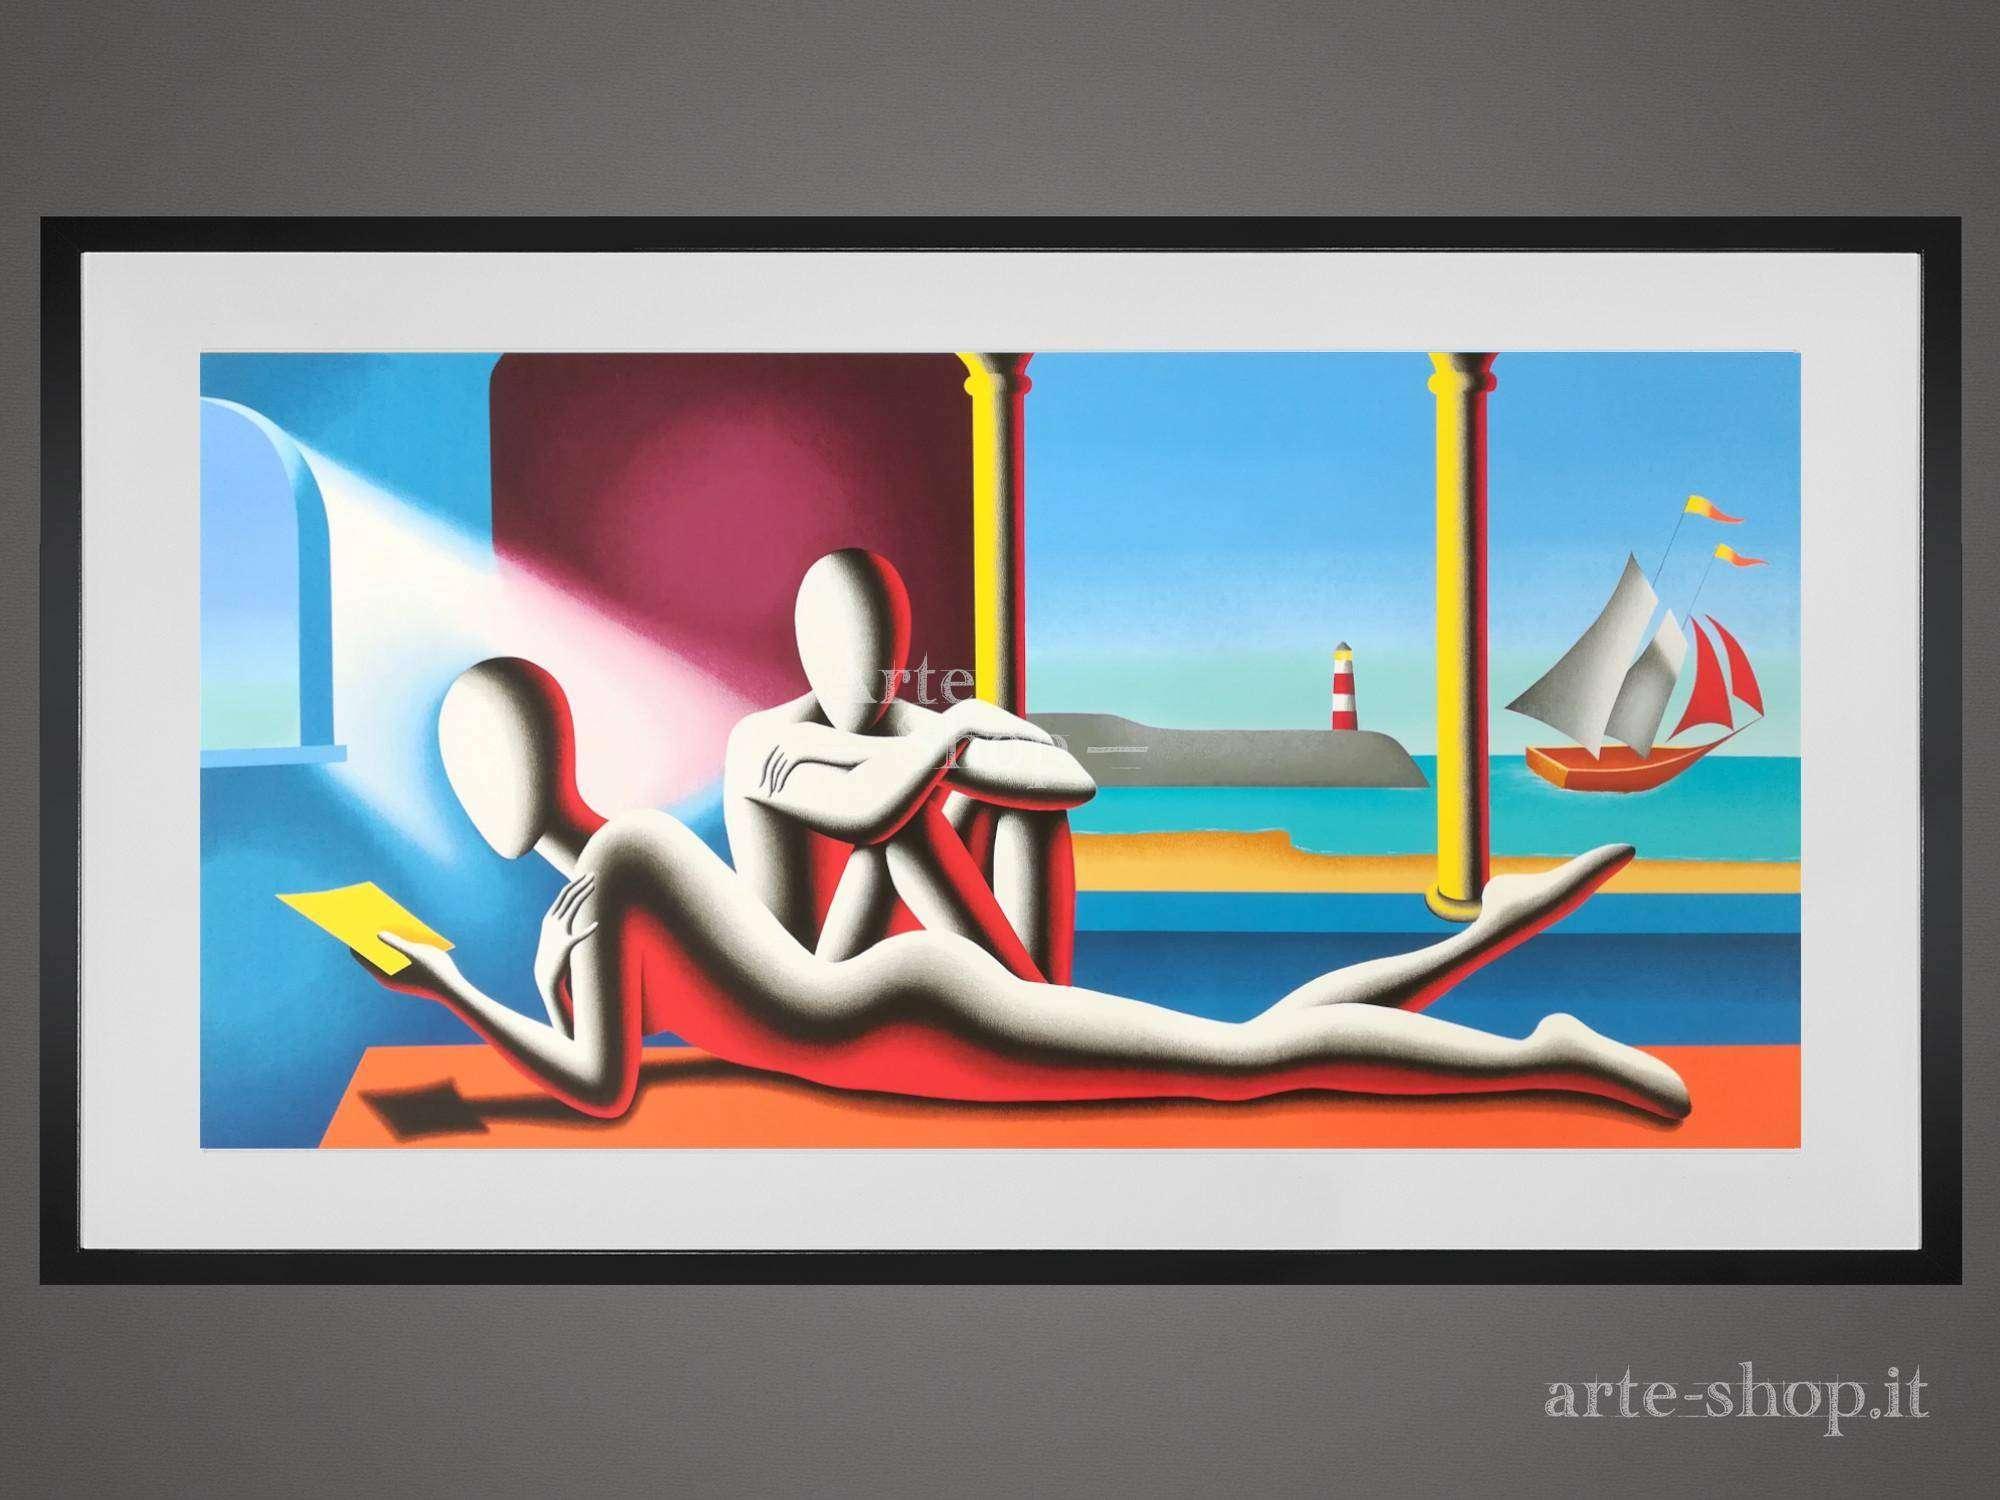 Serigrafia Mark Kostabi - One moment in time